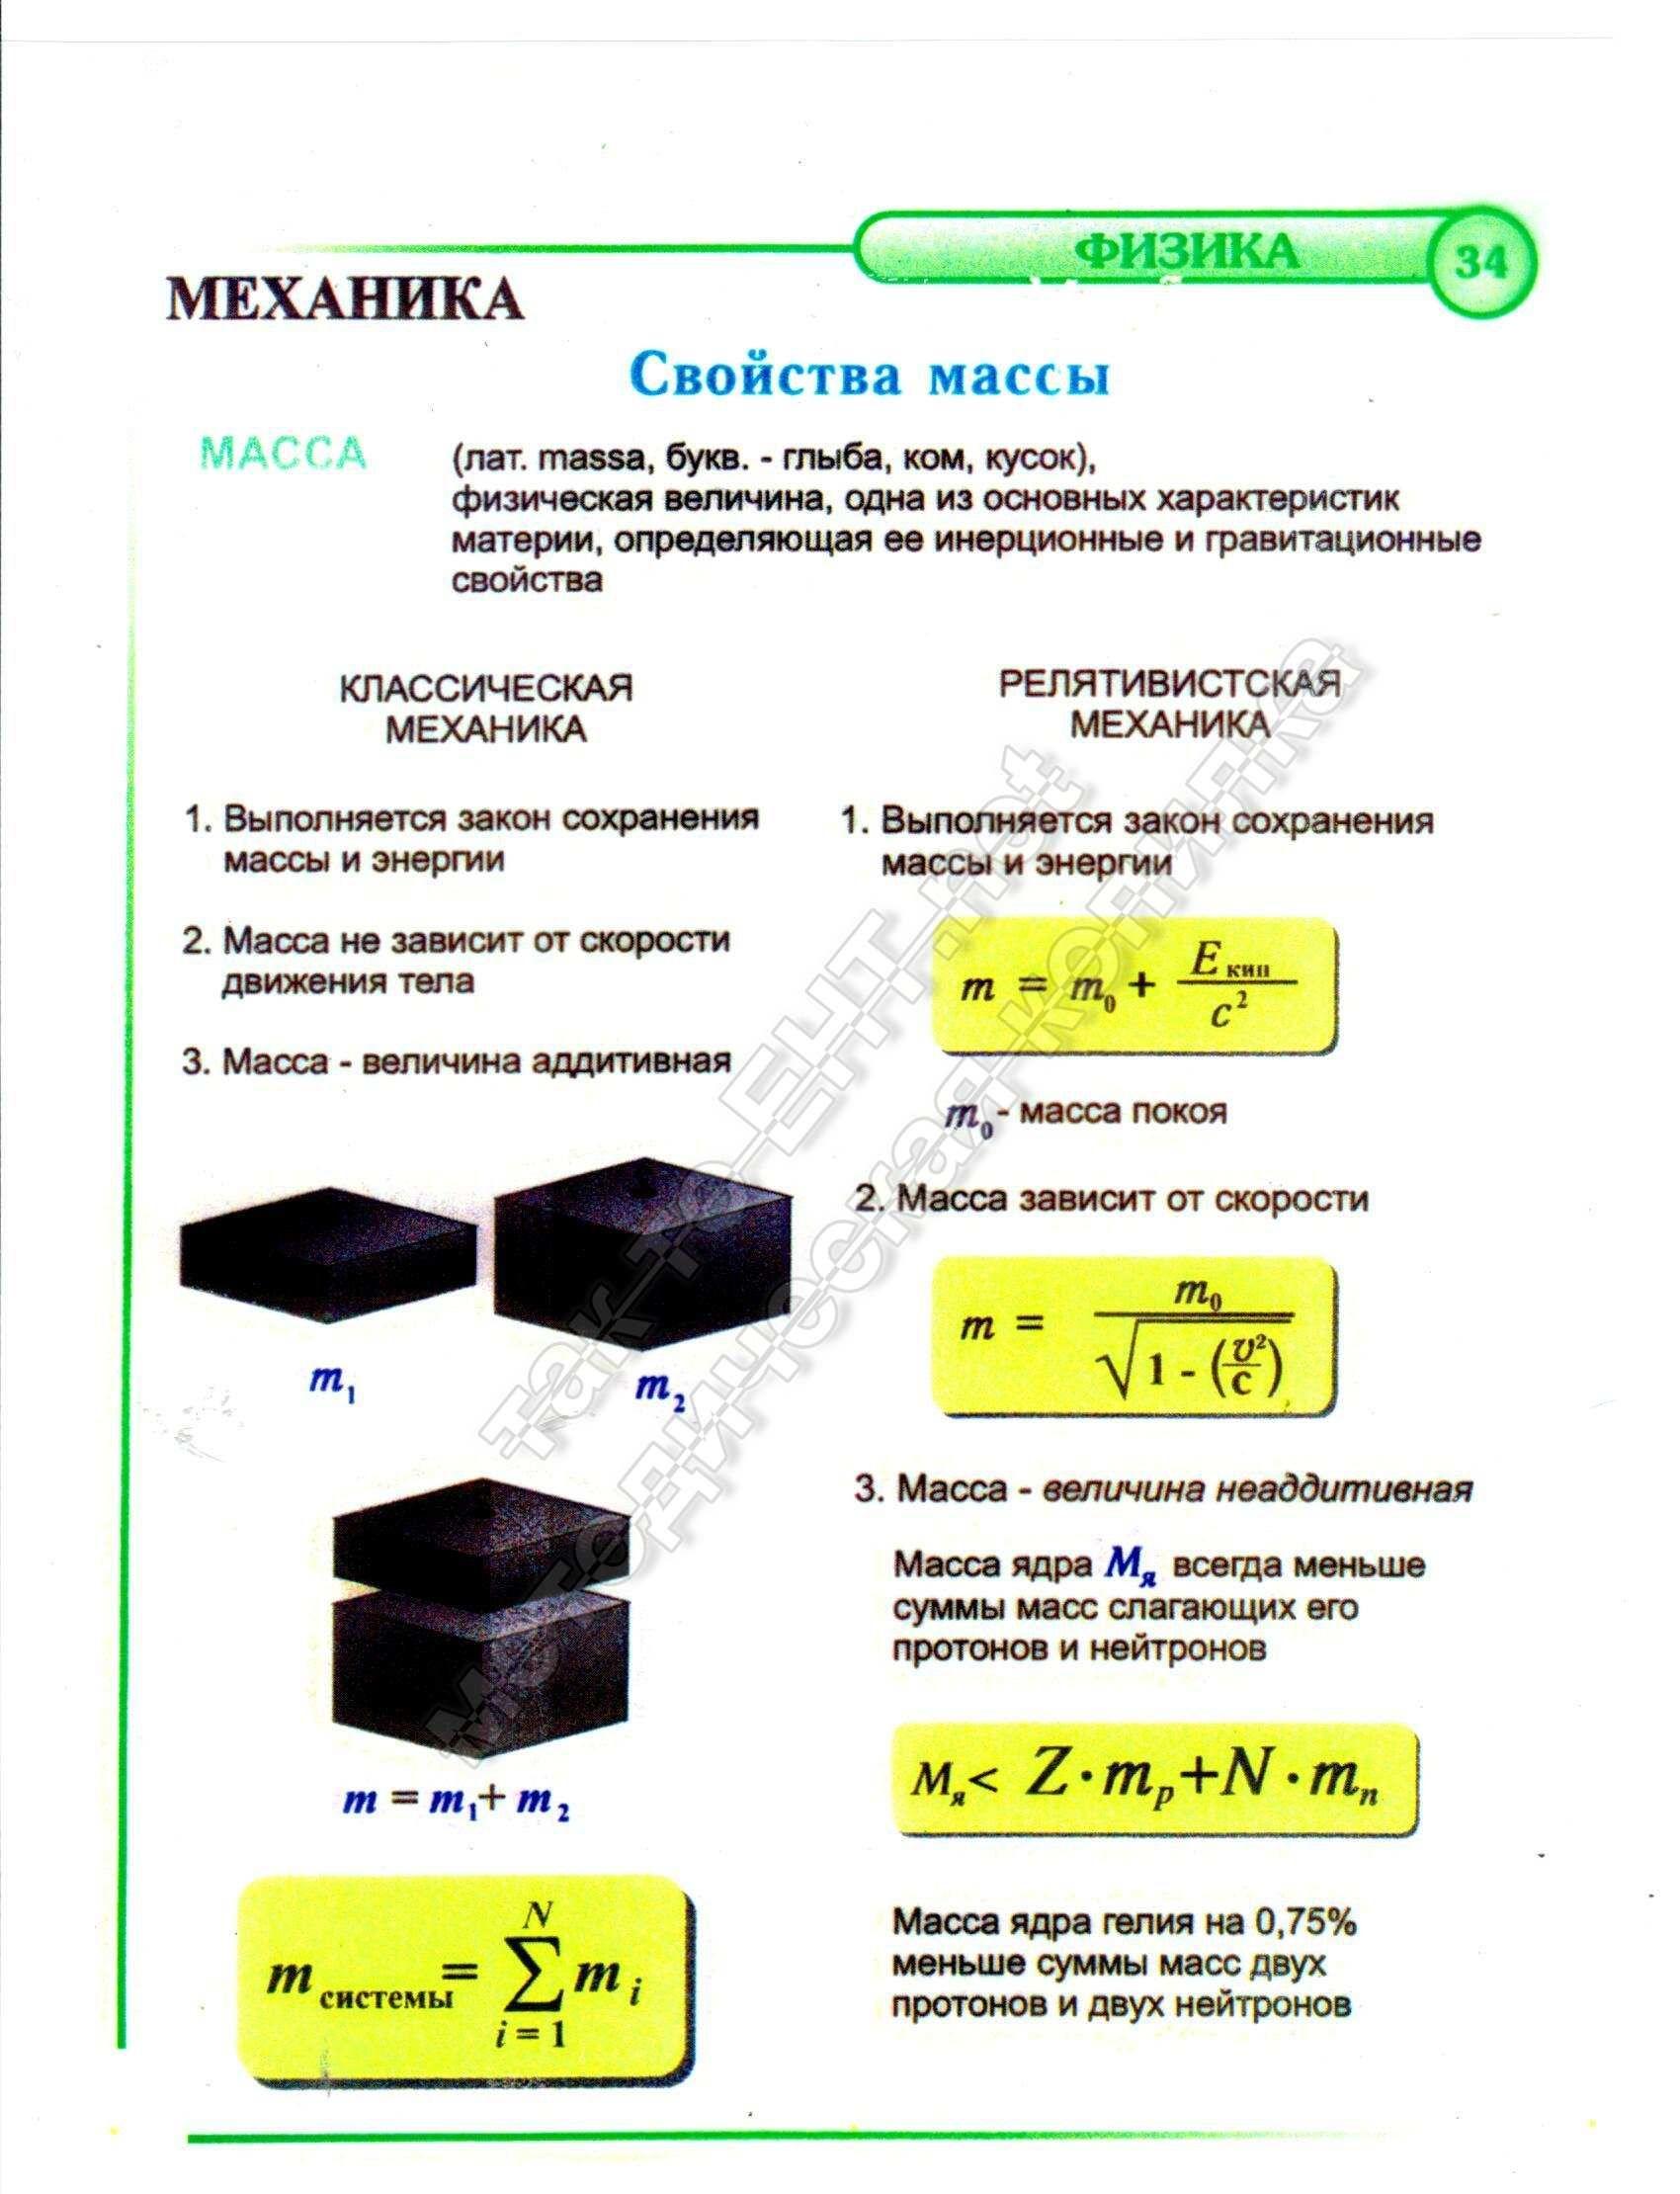 Свойства массы (механика)